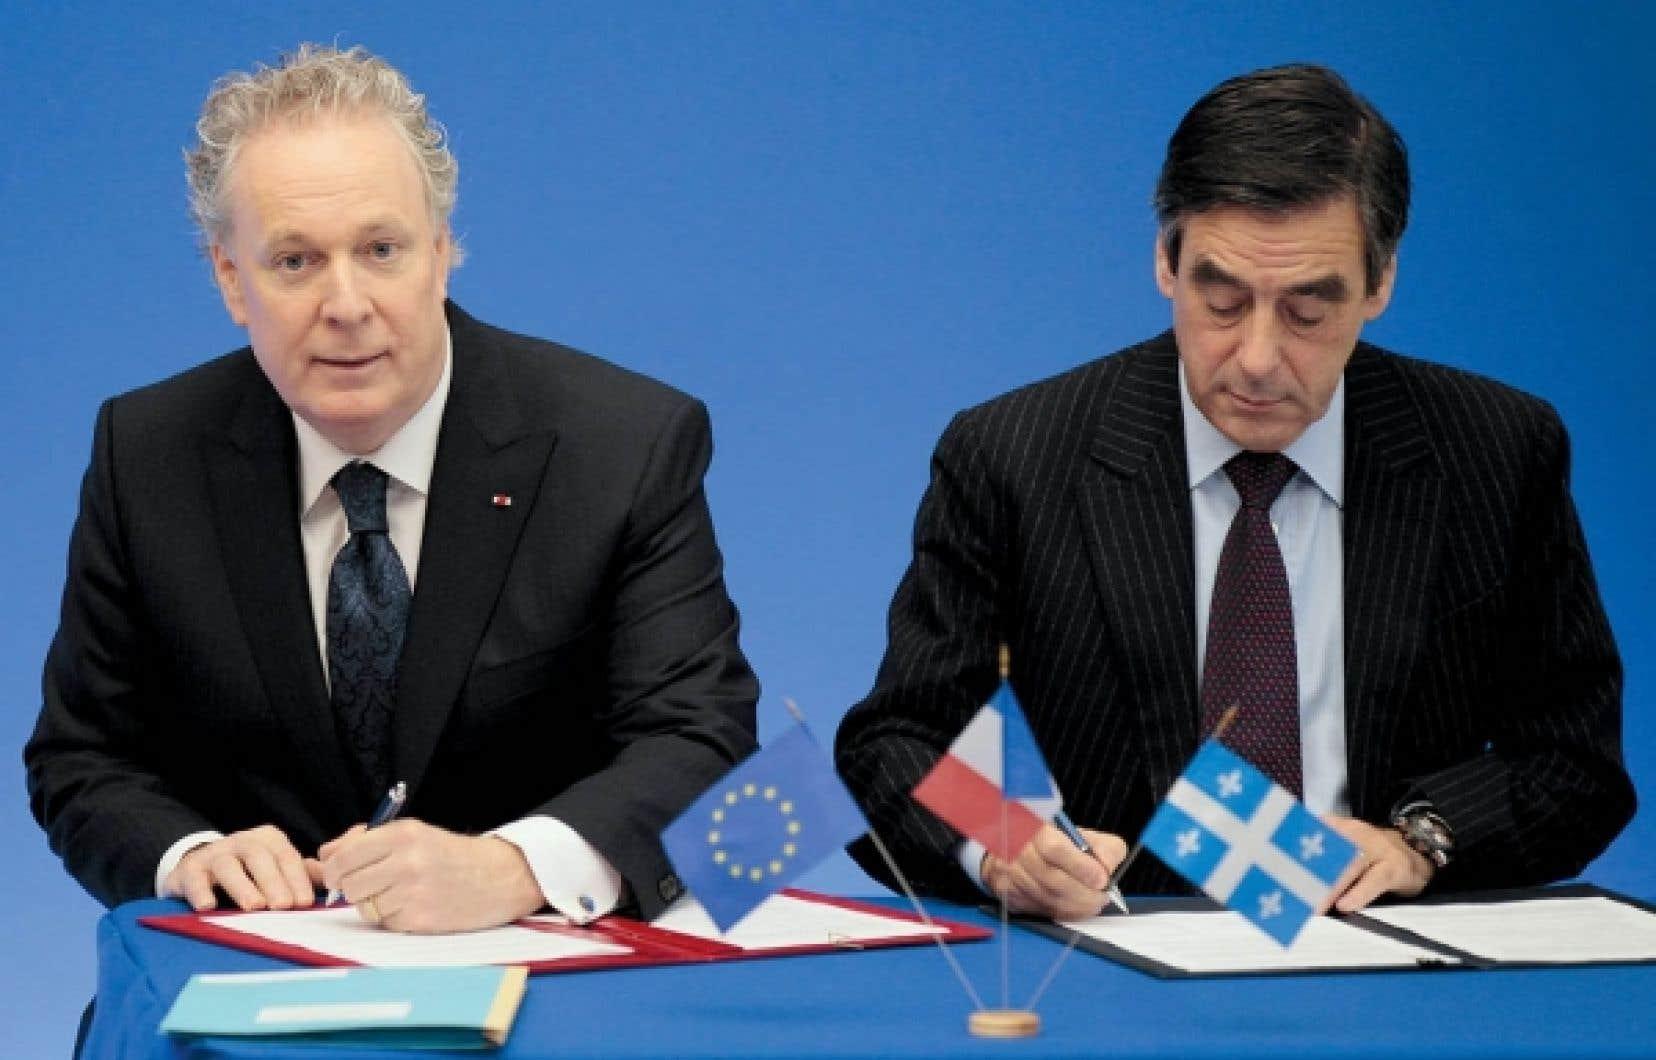 Le premier ministre du Québec, Jean Charest, et celui de la France, François Fillon, lors de la signature d'une entente sur la mobilité de la main-d'œuvre, en novembre 2010 à Paris<br />